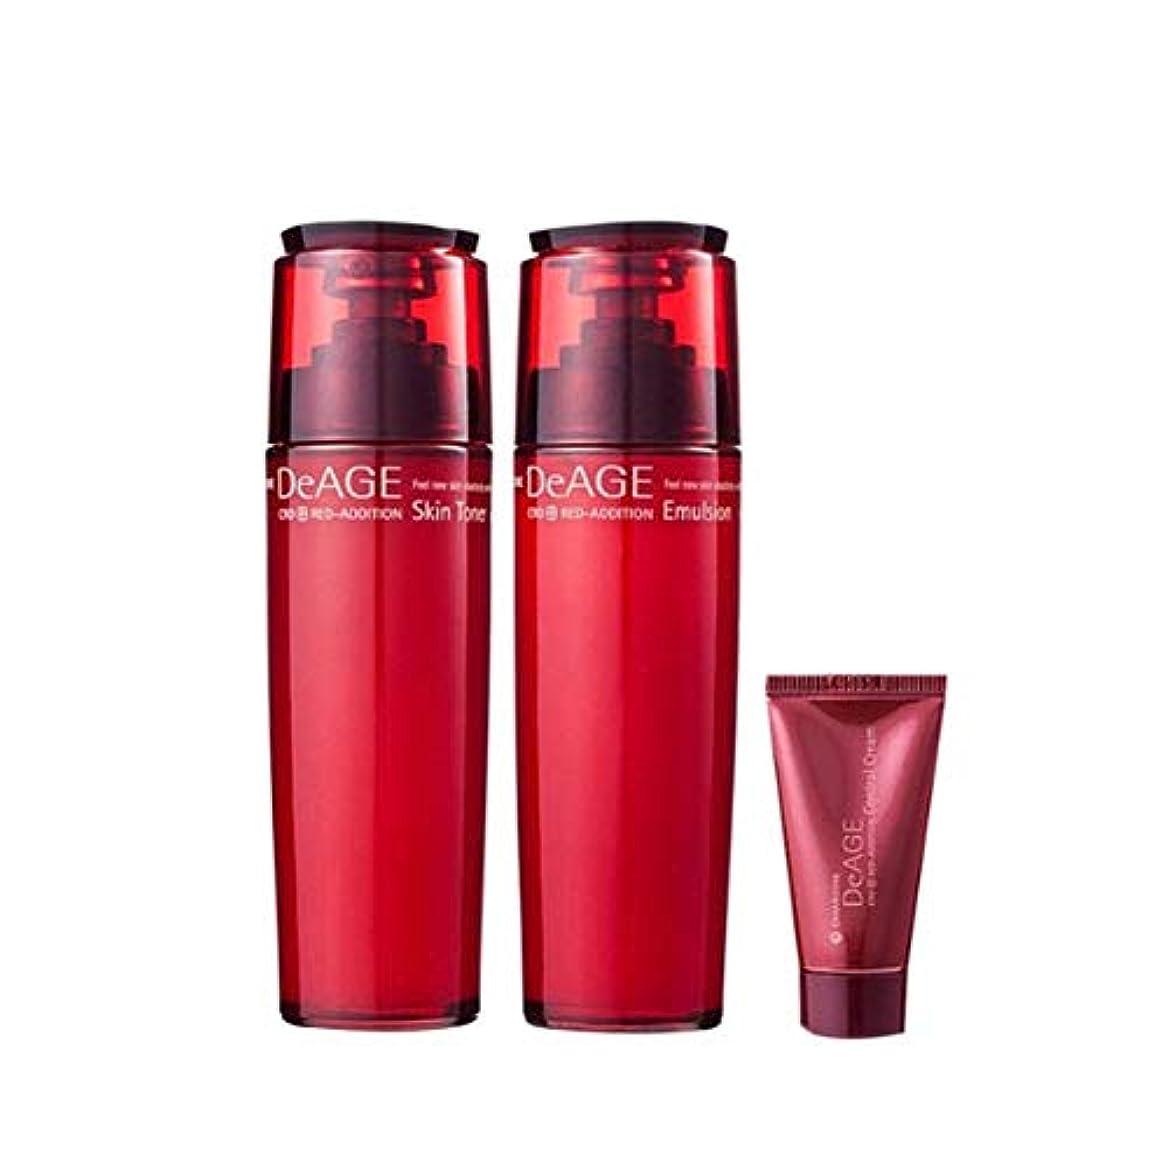 感謝しているポスター雰囲気チャムジョンディエイジレッドエディションセット(スキントナー130ml、エマルジョン130ml、コントロールクリーム15ml)、Charmzone DeAGE Red Addition Set(Skin Toner 130ml...